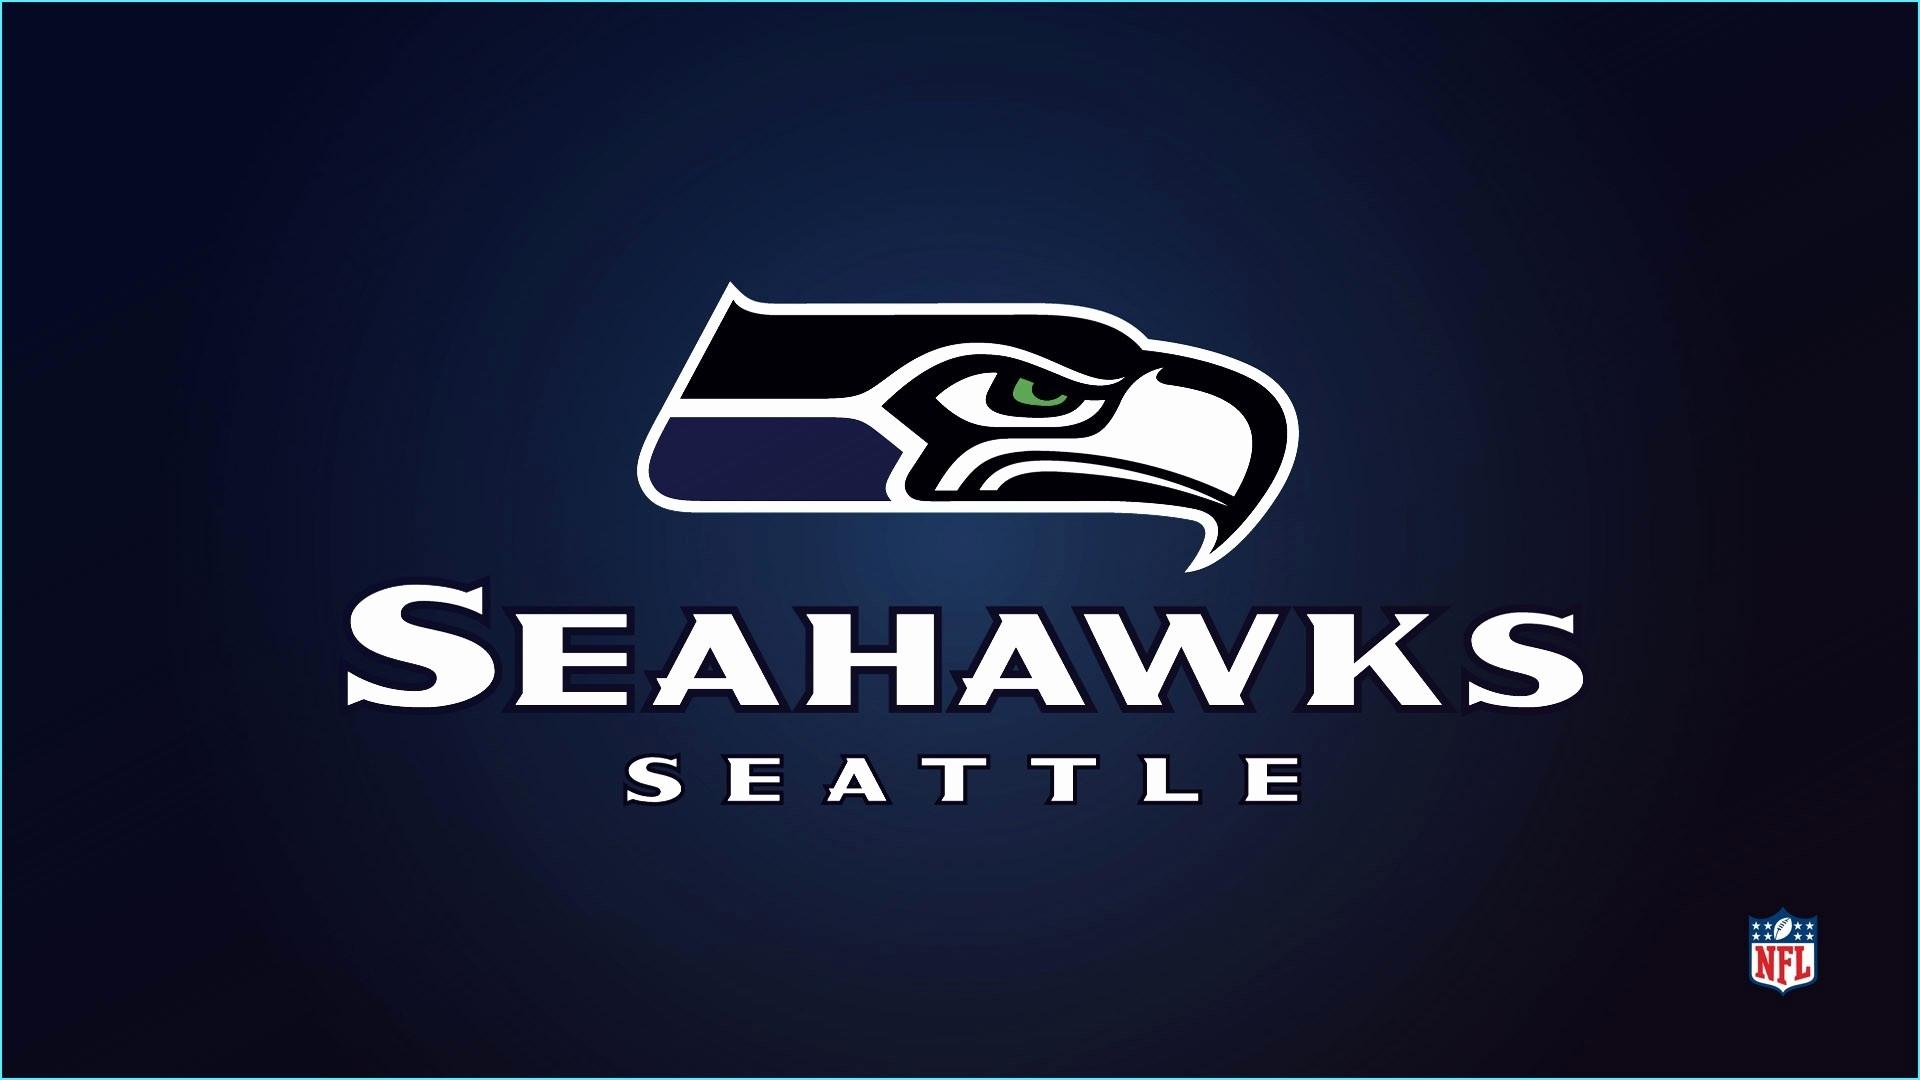 seahawks wallpaper lovely seahawks wallpaper beautiful seattle